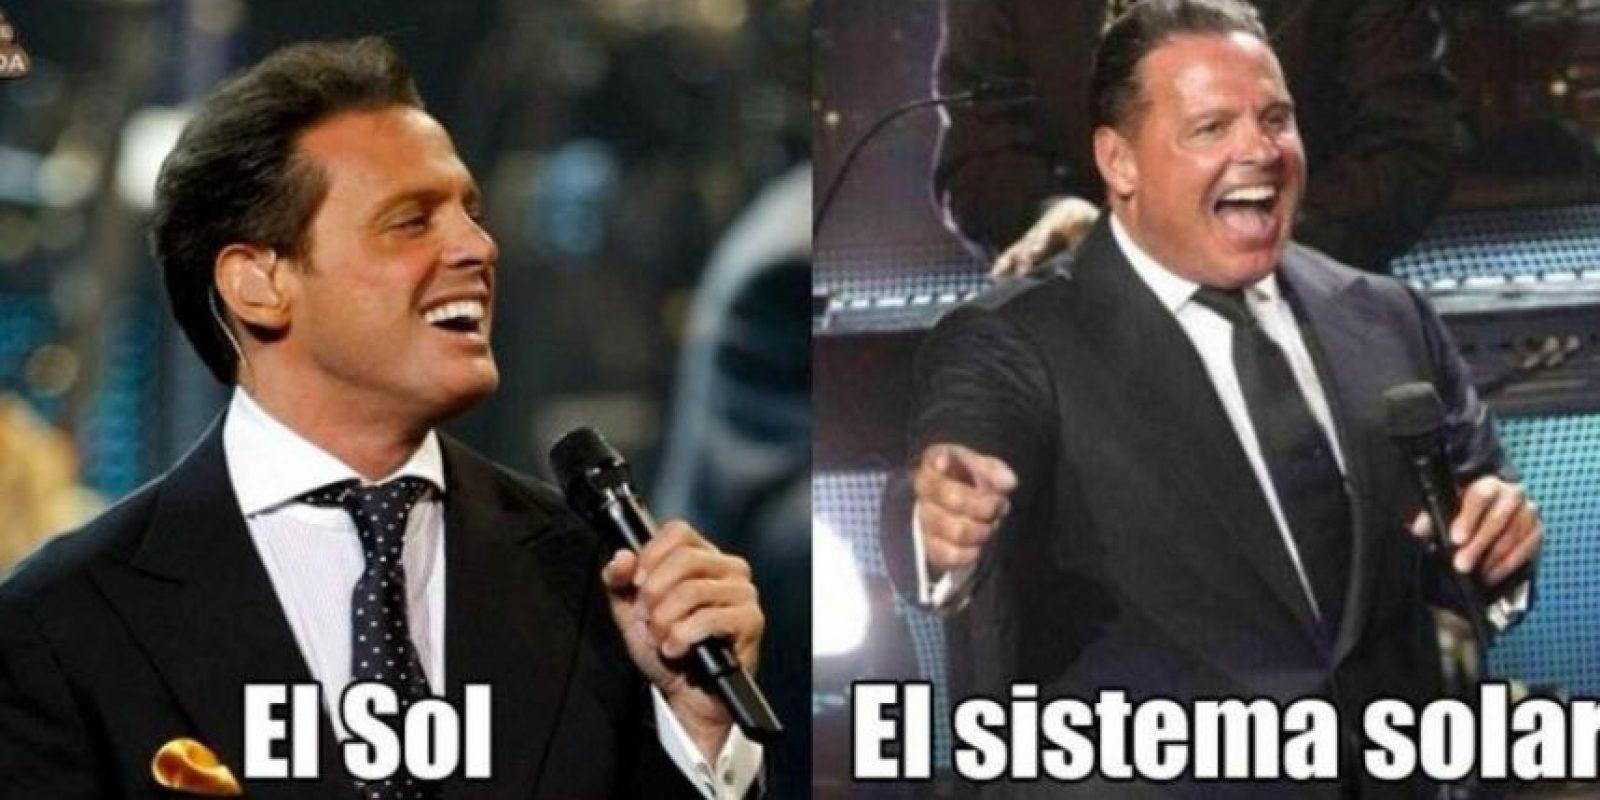 Aunque se cree que la imagen fue alterada, los memes por el sobrepeso del mexicano se compartieron a lo largo y ancho de Latinoamérica. Foto:Twitter